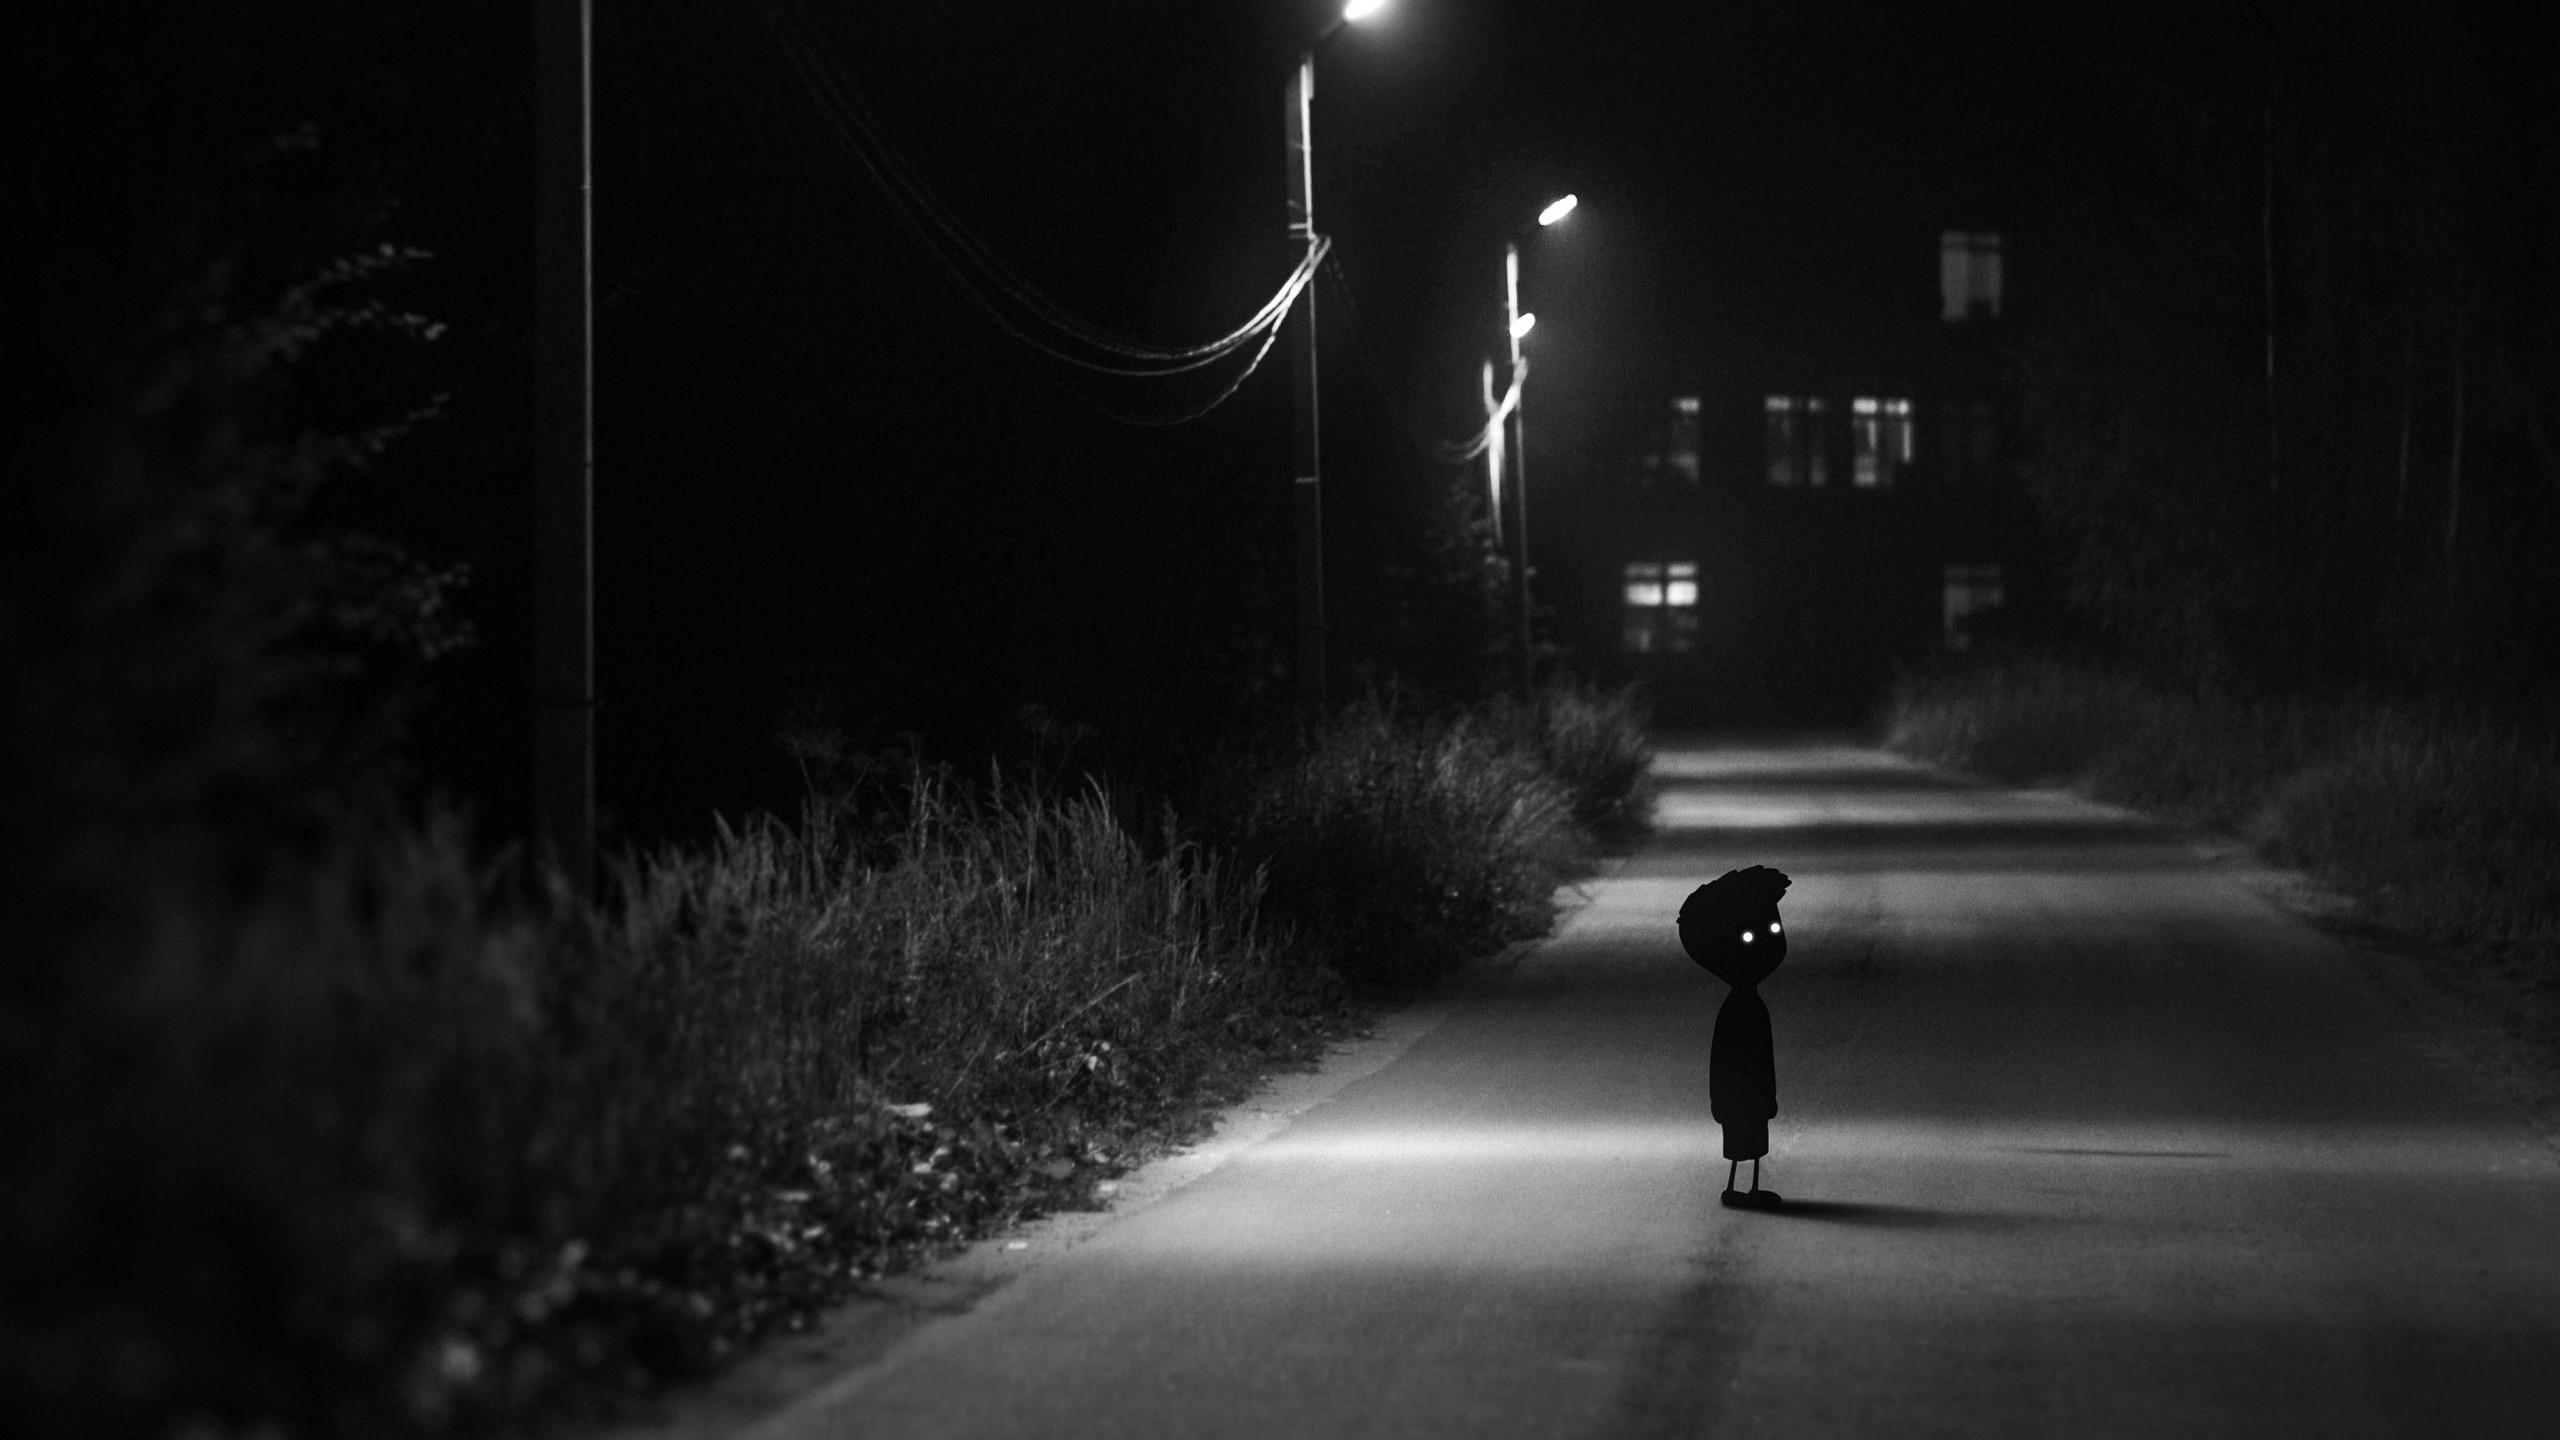 Wallpaper Street Light Night Shadow Limbo Midnight